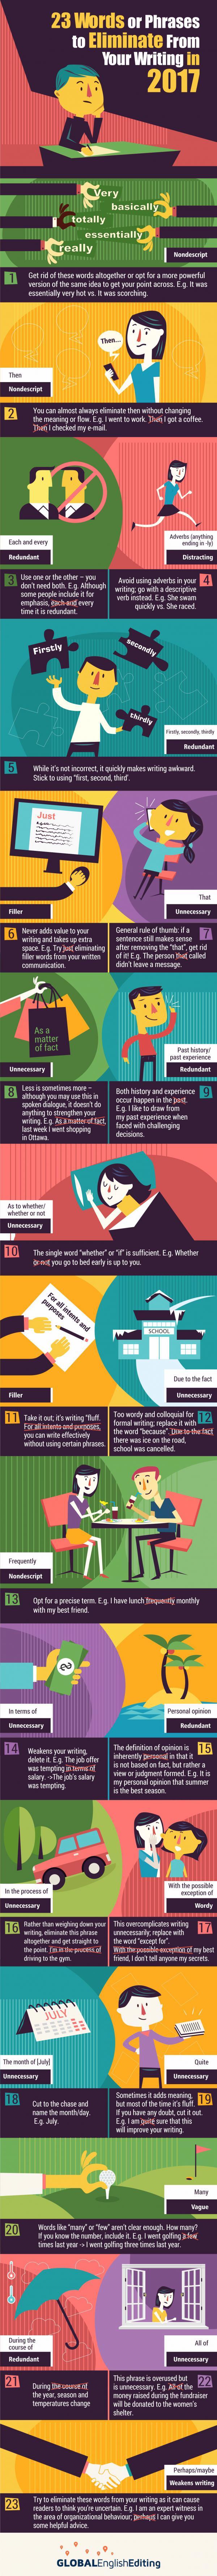 eliminate-words-infographic-resized